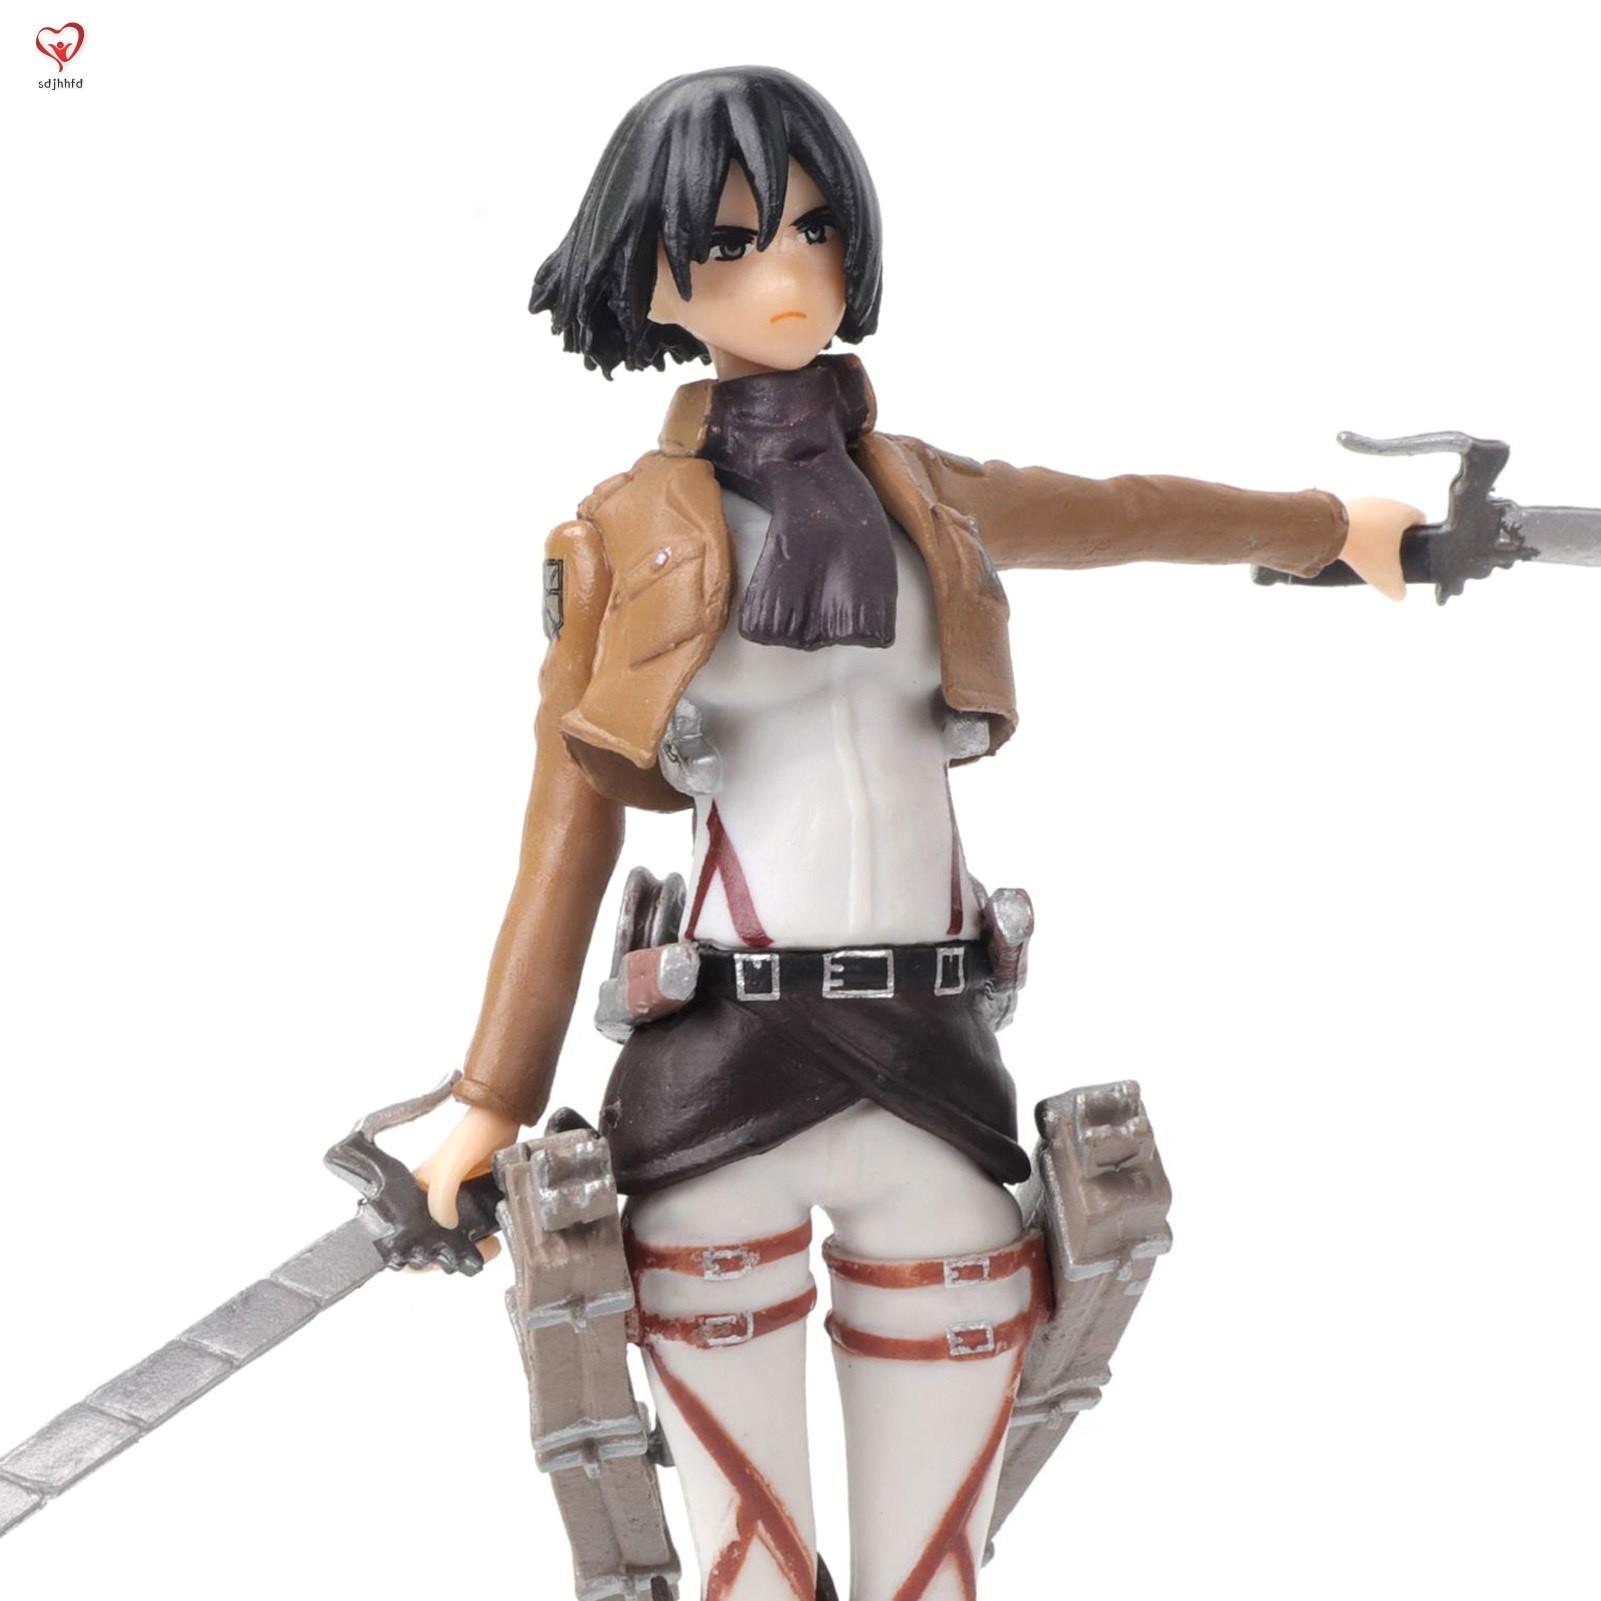 Attack on Titan Mikasa Ackerman PVC Figure Anime Action Figure Model Toy Cake Decoration